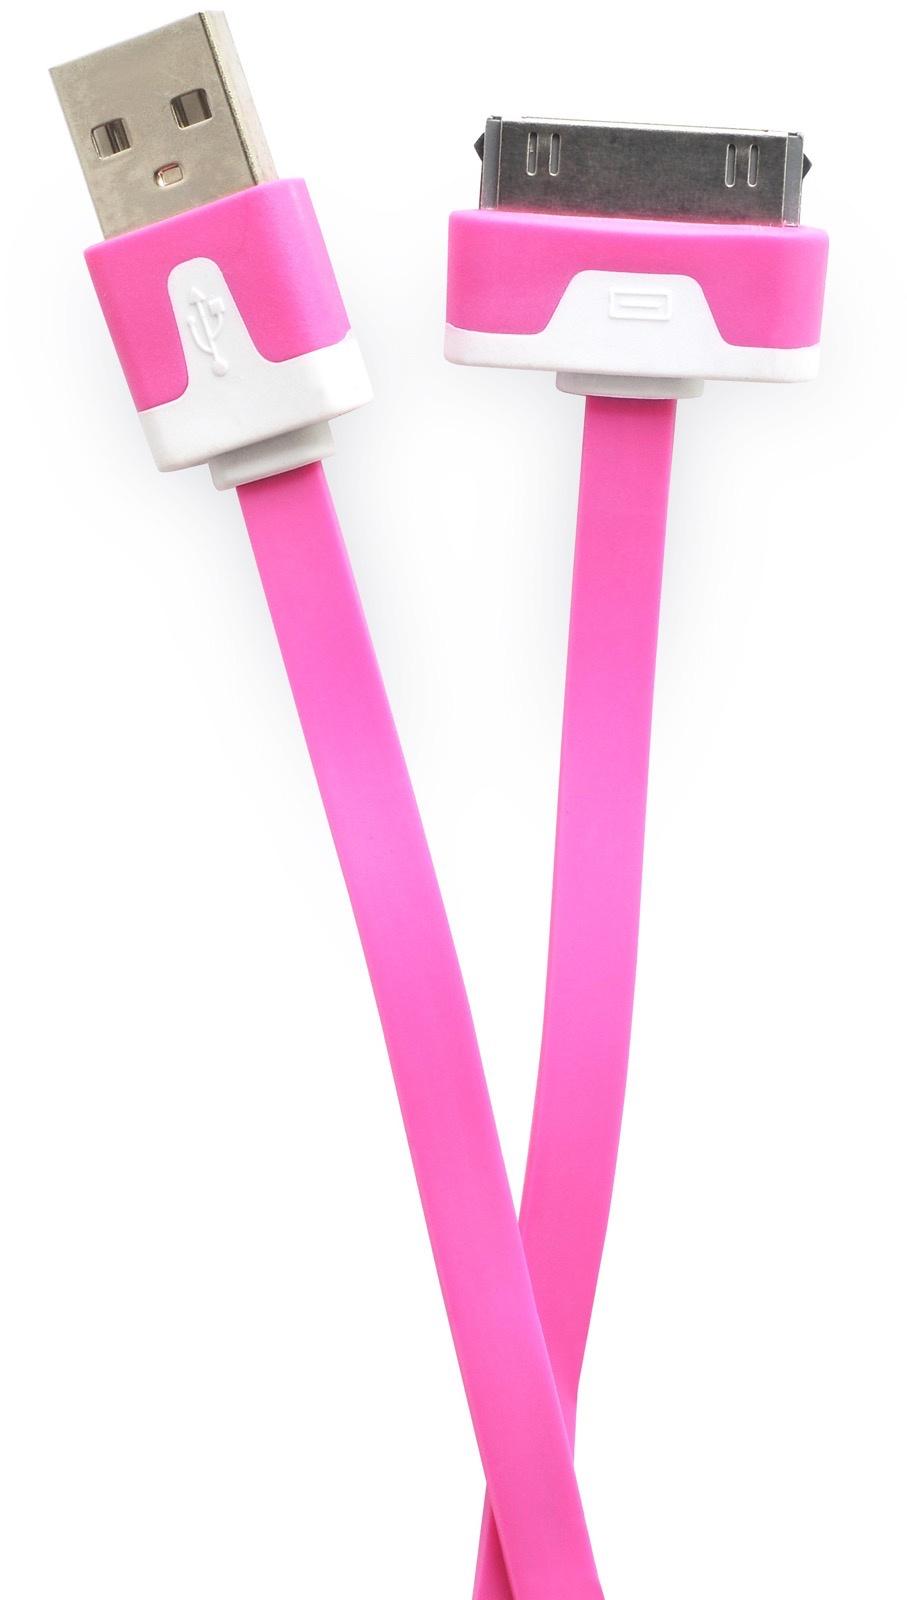 Кабель Gurdini 30- pin плоский 70 см crimson для Apple iPhone, iPad, iPod, темно-розовый кабель hama 30 pin apple usb 2 0 черный 1м для apple iphone 3g 3gs 4 4s 00093577